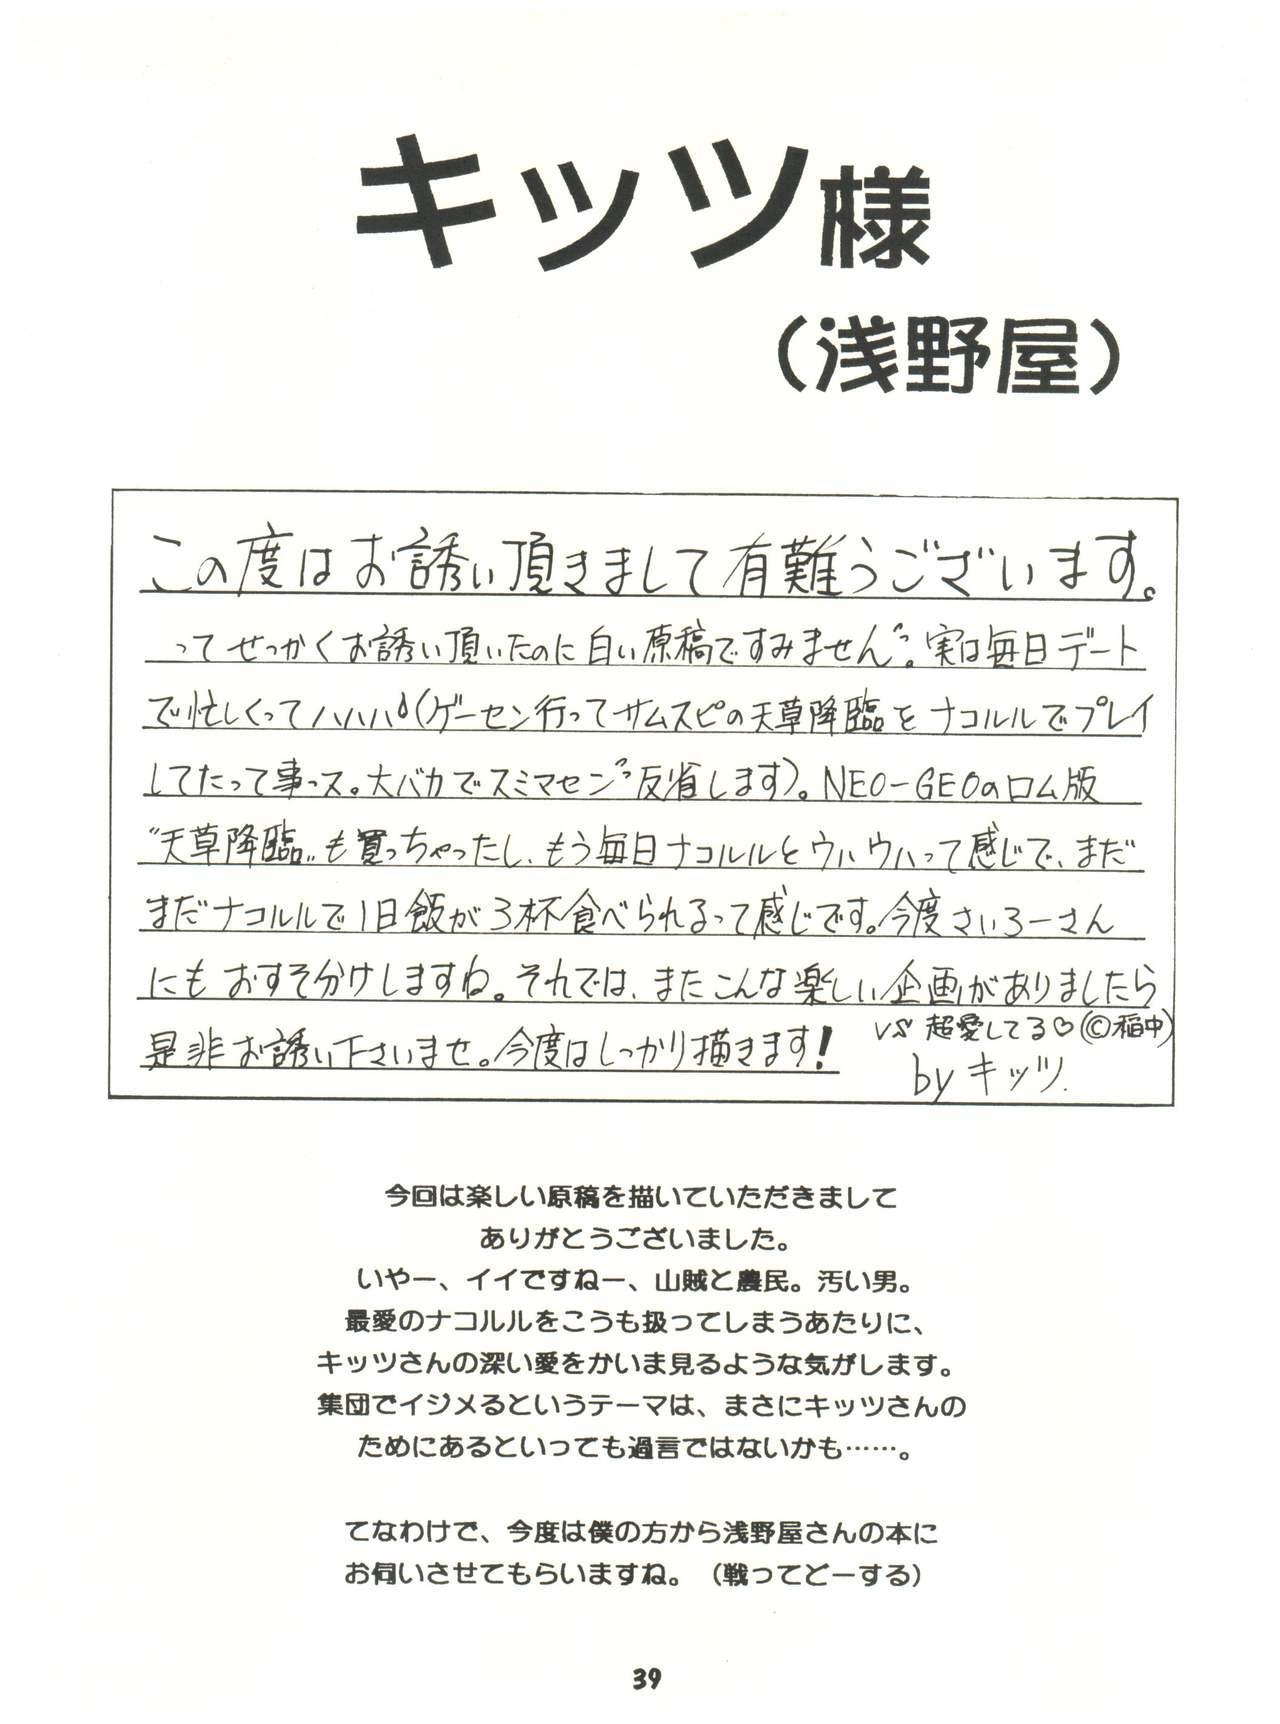 [Sairo Publishing (J. Sairo) En-Jack 2 (Various) 38